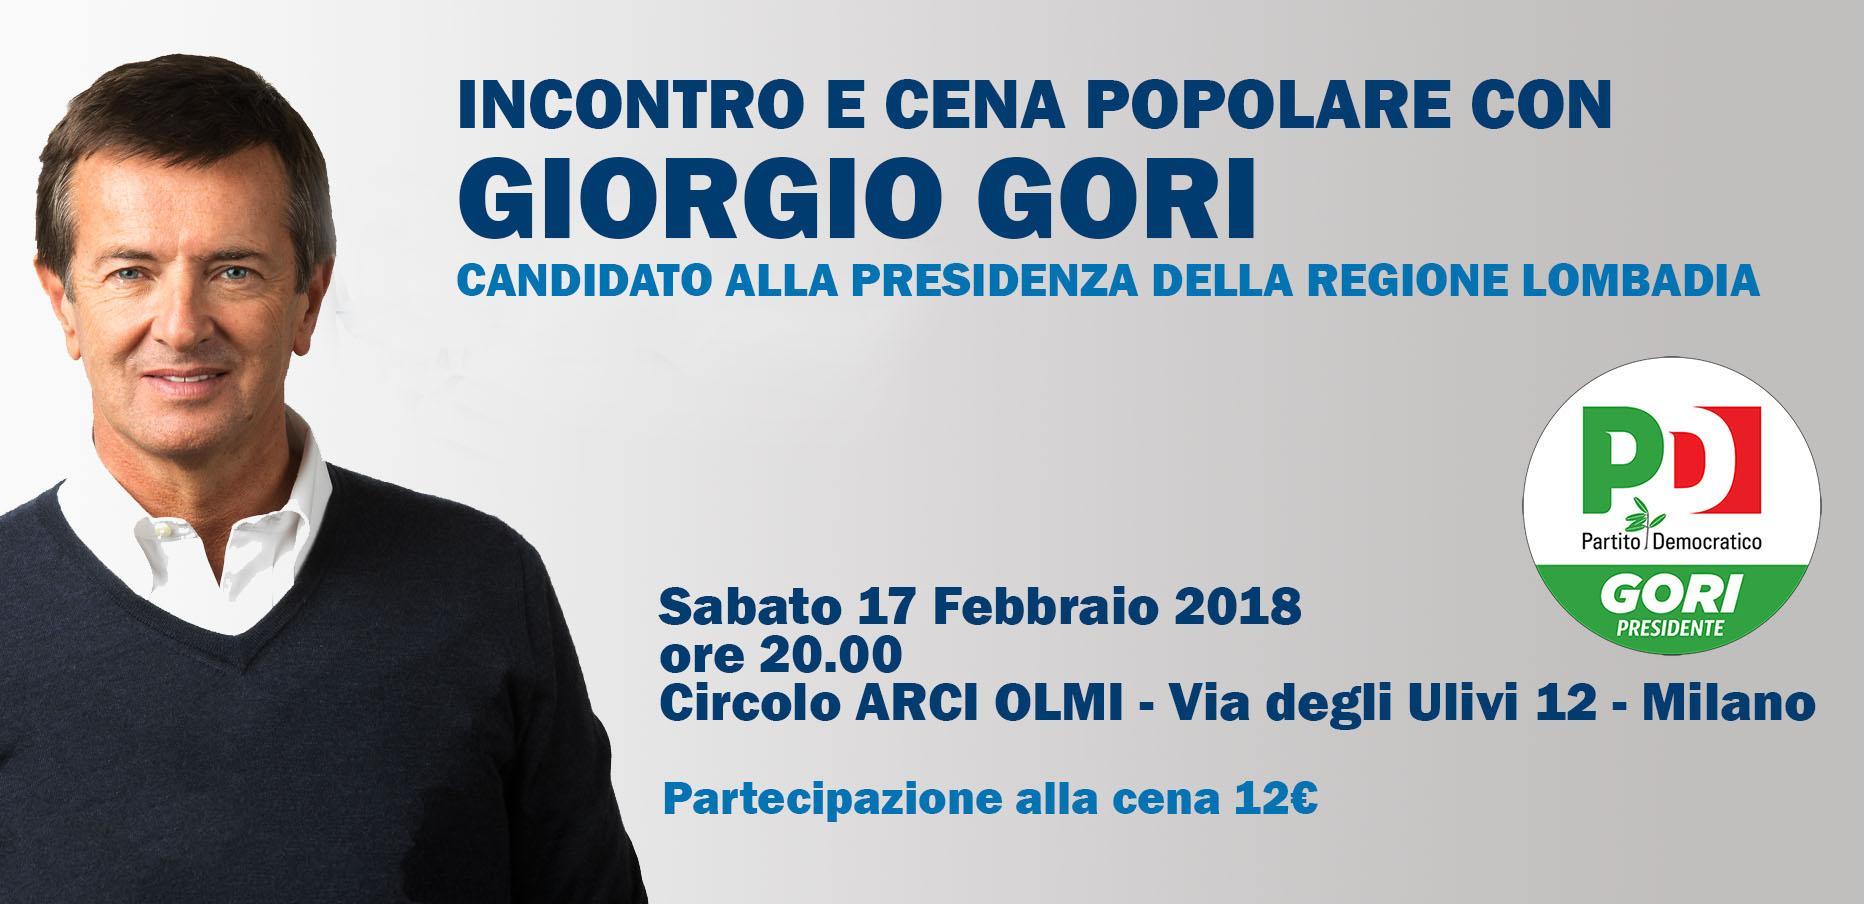 Incontro e Cena Popolare con GIORGIO GORI